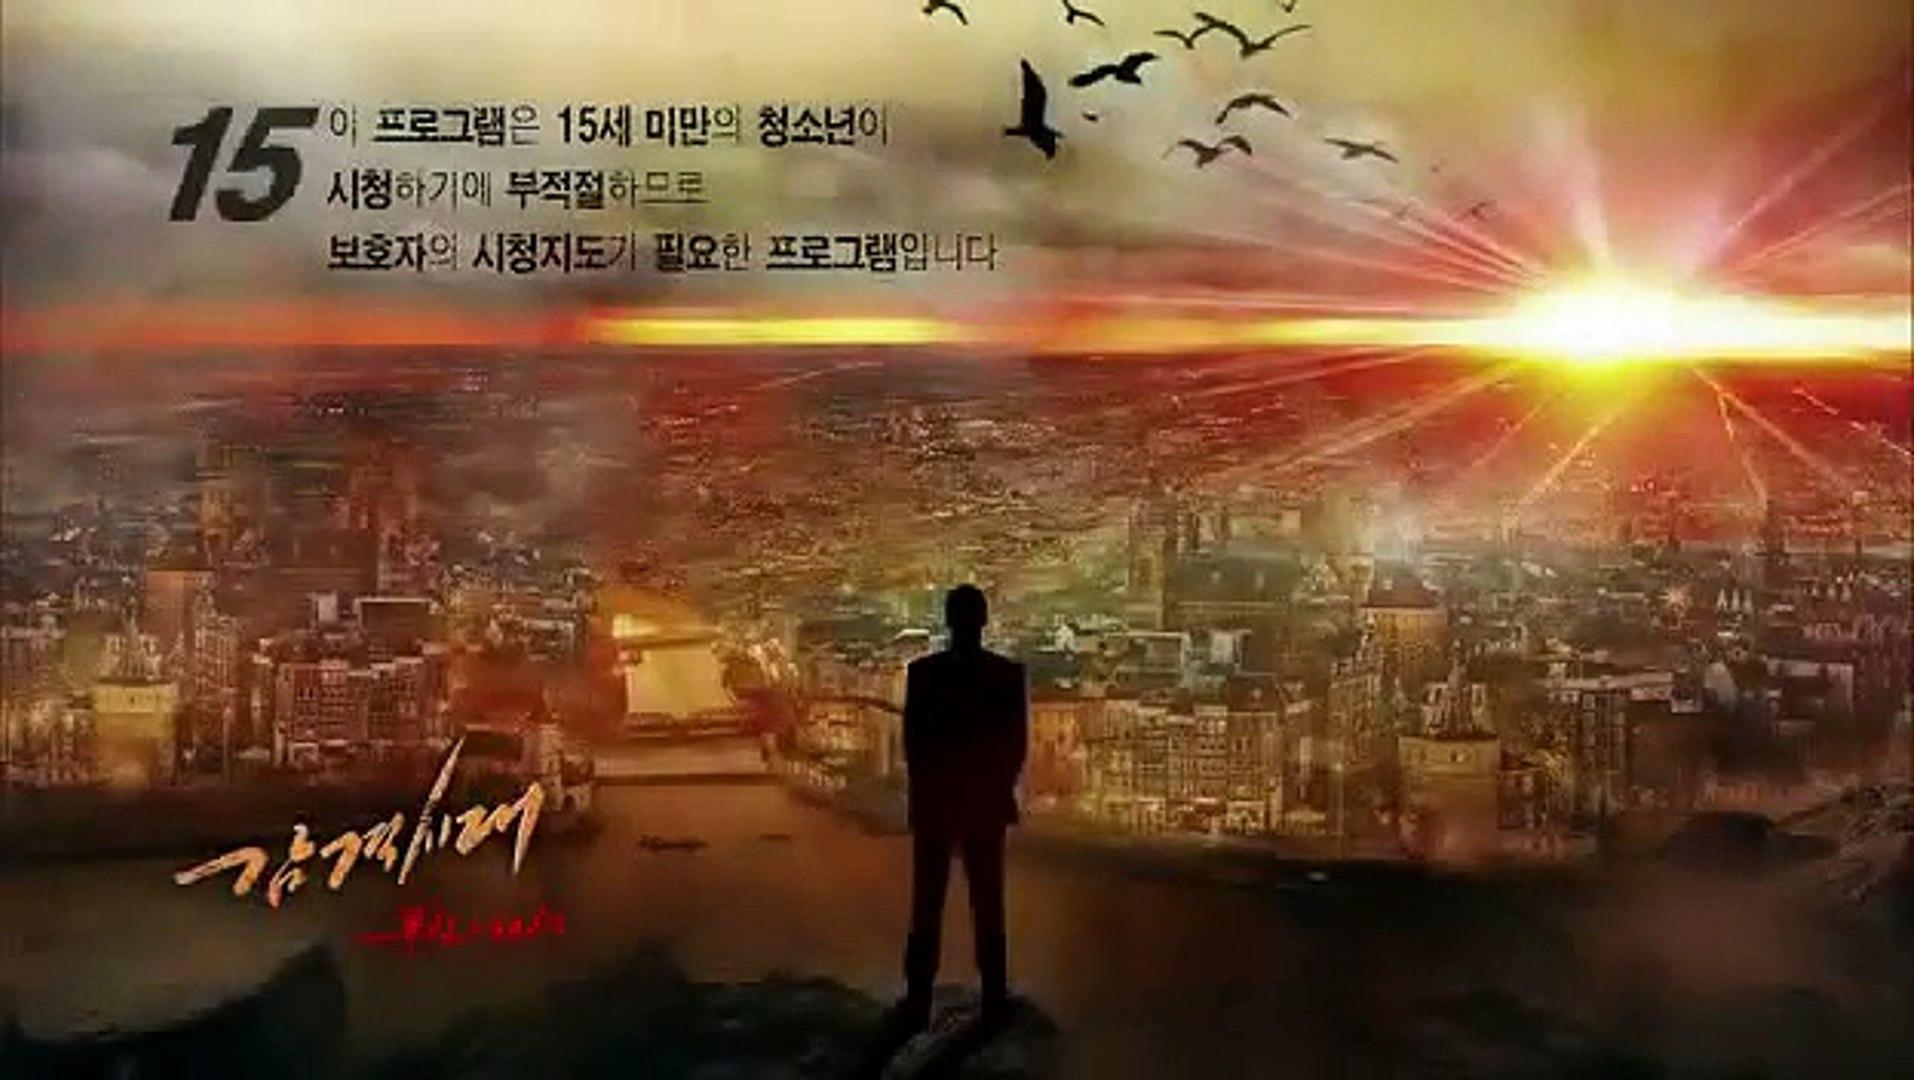 Anh Hùng Thời Đại Tập 23 - Anh Hùng Thời Đại - Phim Hàn Quốc